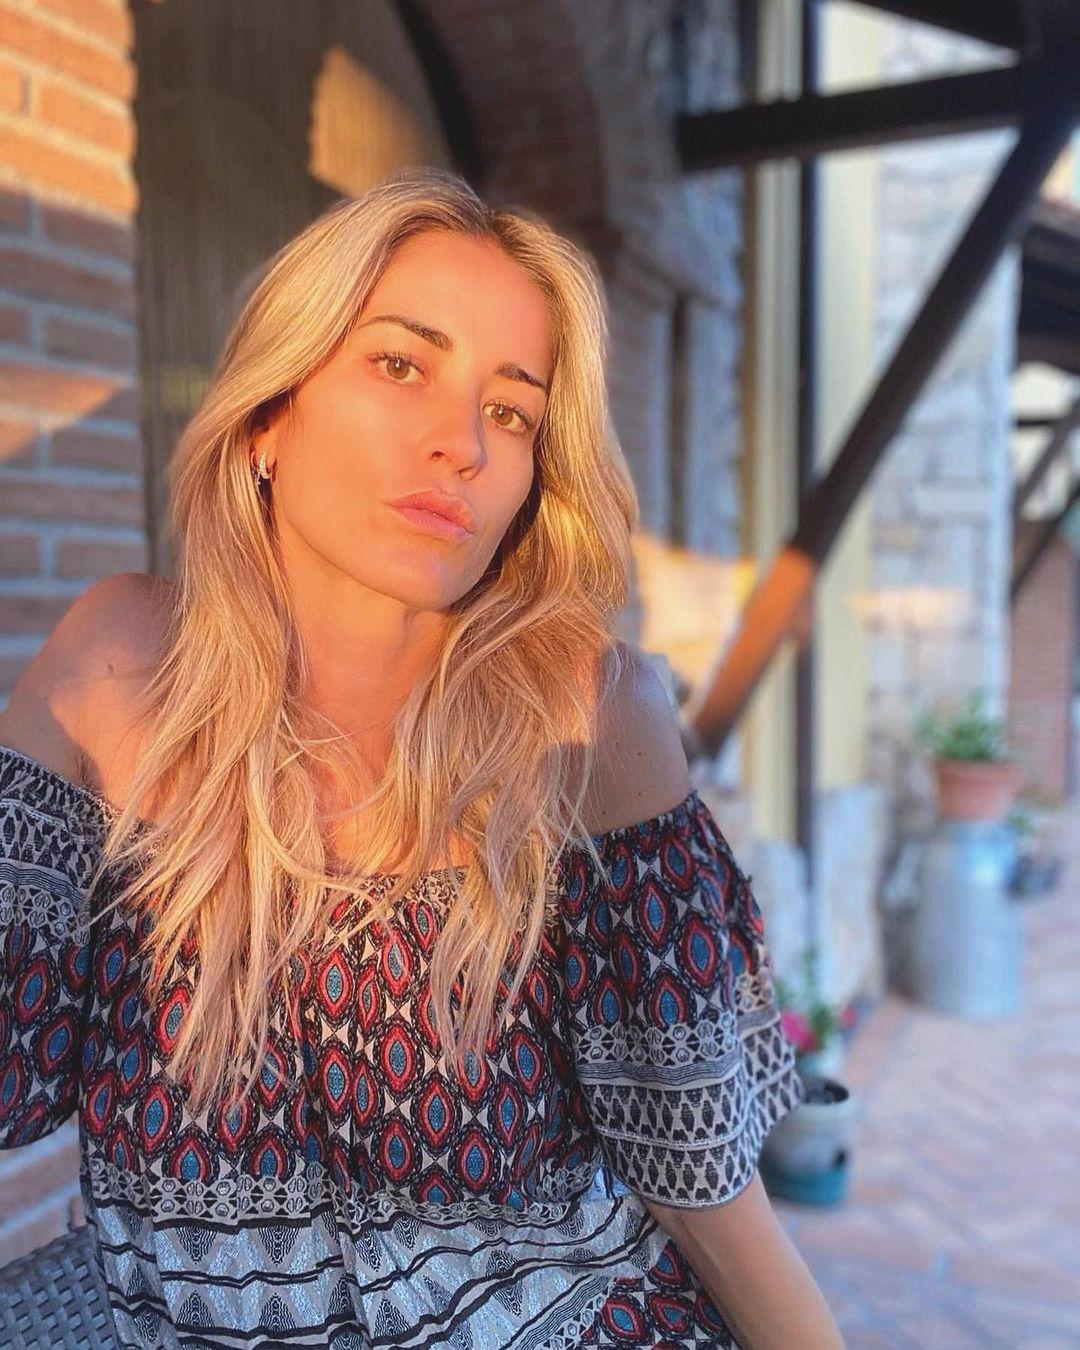 Elena-Santarelli-Wallpapers-Insta-Fit-Bio-7